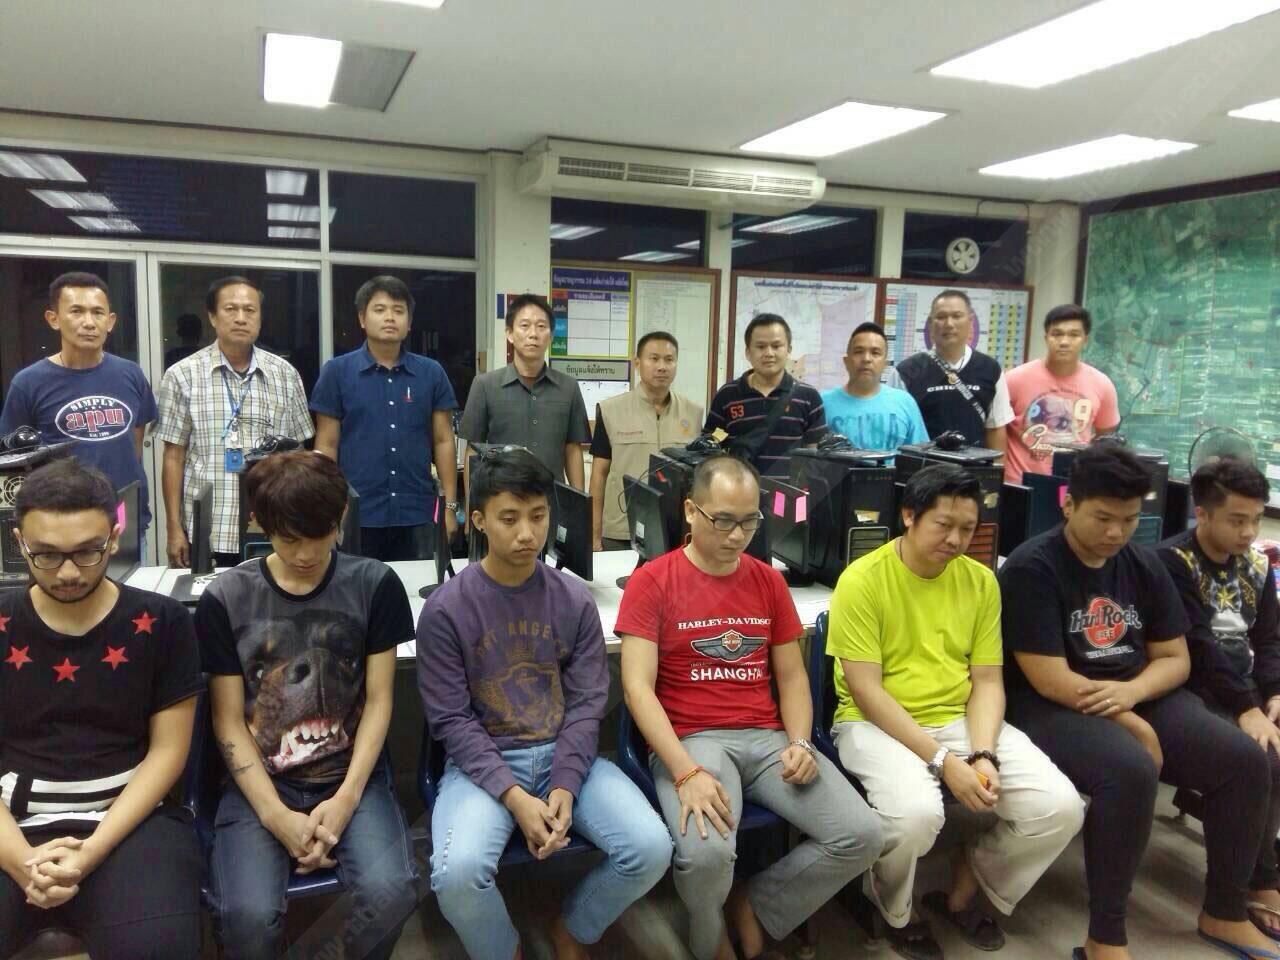 ตร.จับแก๊งชาวอินโดนีเซีย 7 คน เปิดบ่อนไพ่โป๊กเกอร์ออนไลน์ข้ามชาติ ซอยเคหะร่มเกล้า 64 แขวงคลองสองต้นนุ่น เขตลาดกระบัง กทม.